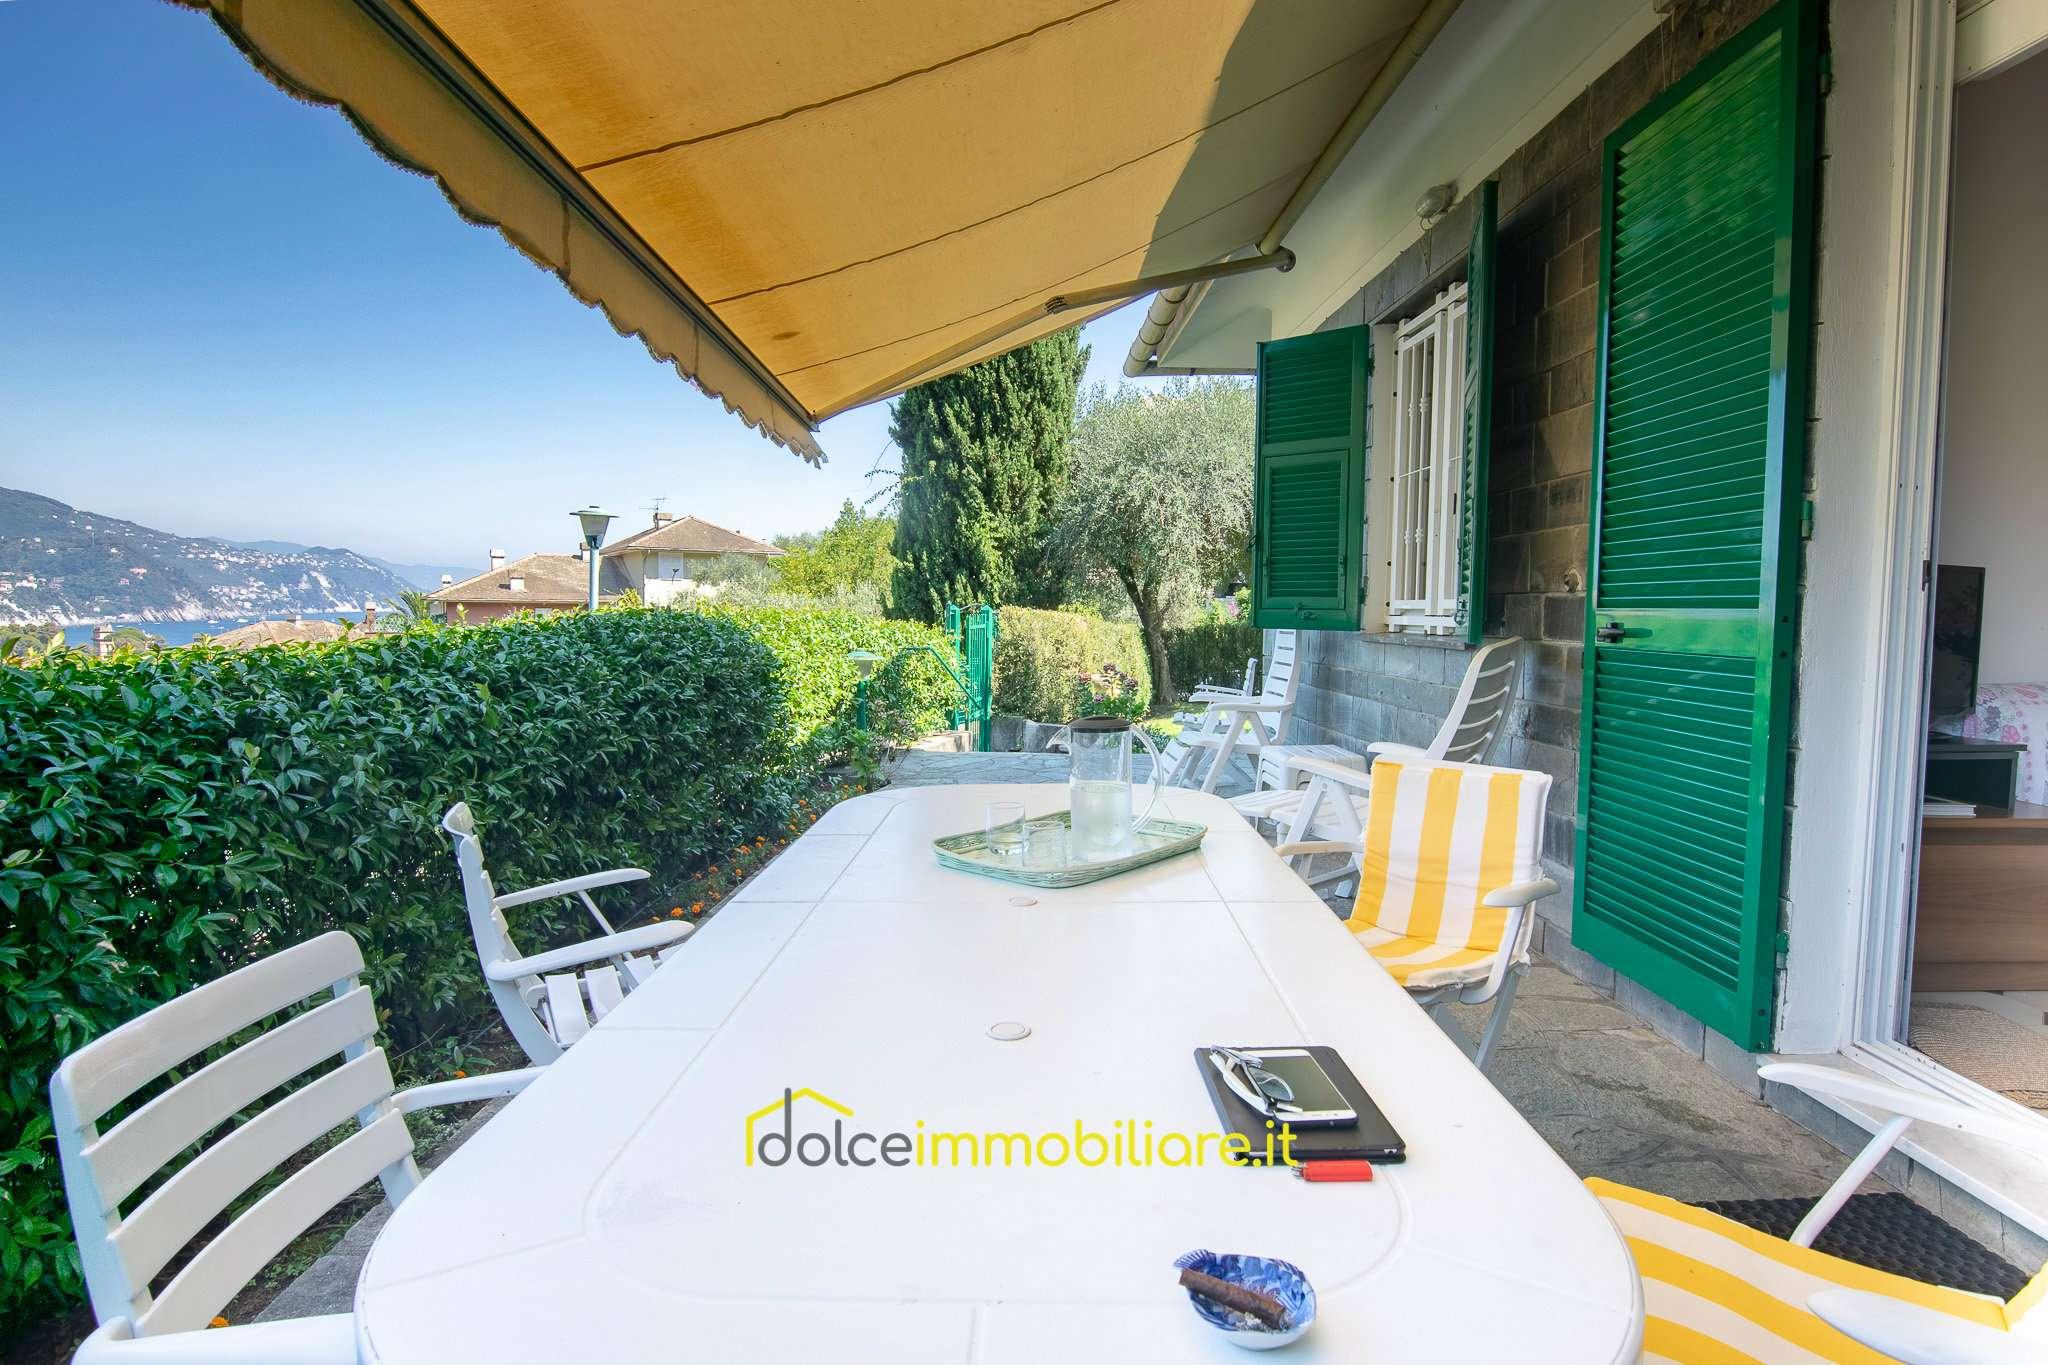 Foto 1 di Villetta a schiera via montemezzana, frazione San Michele Di Pagana, Rapallo